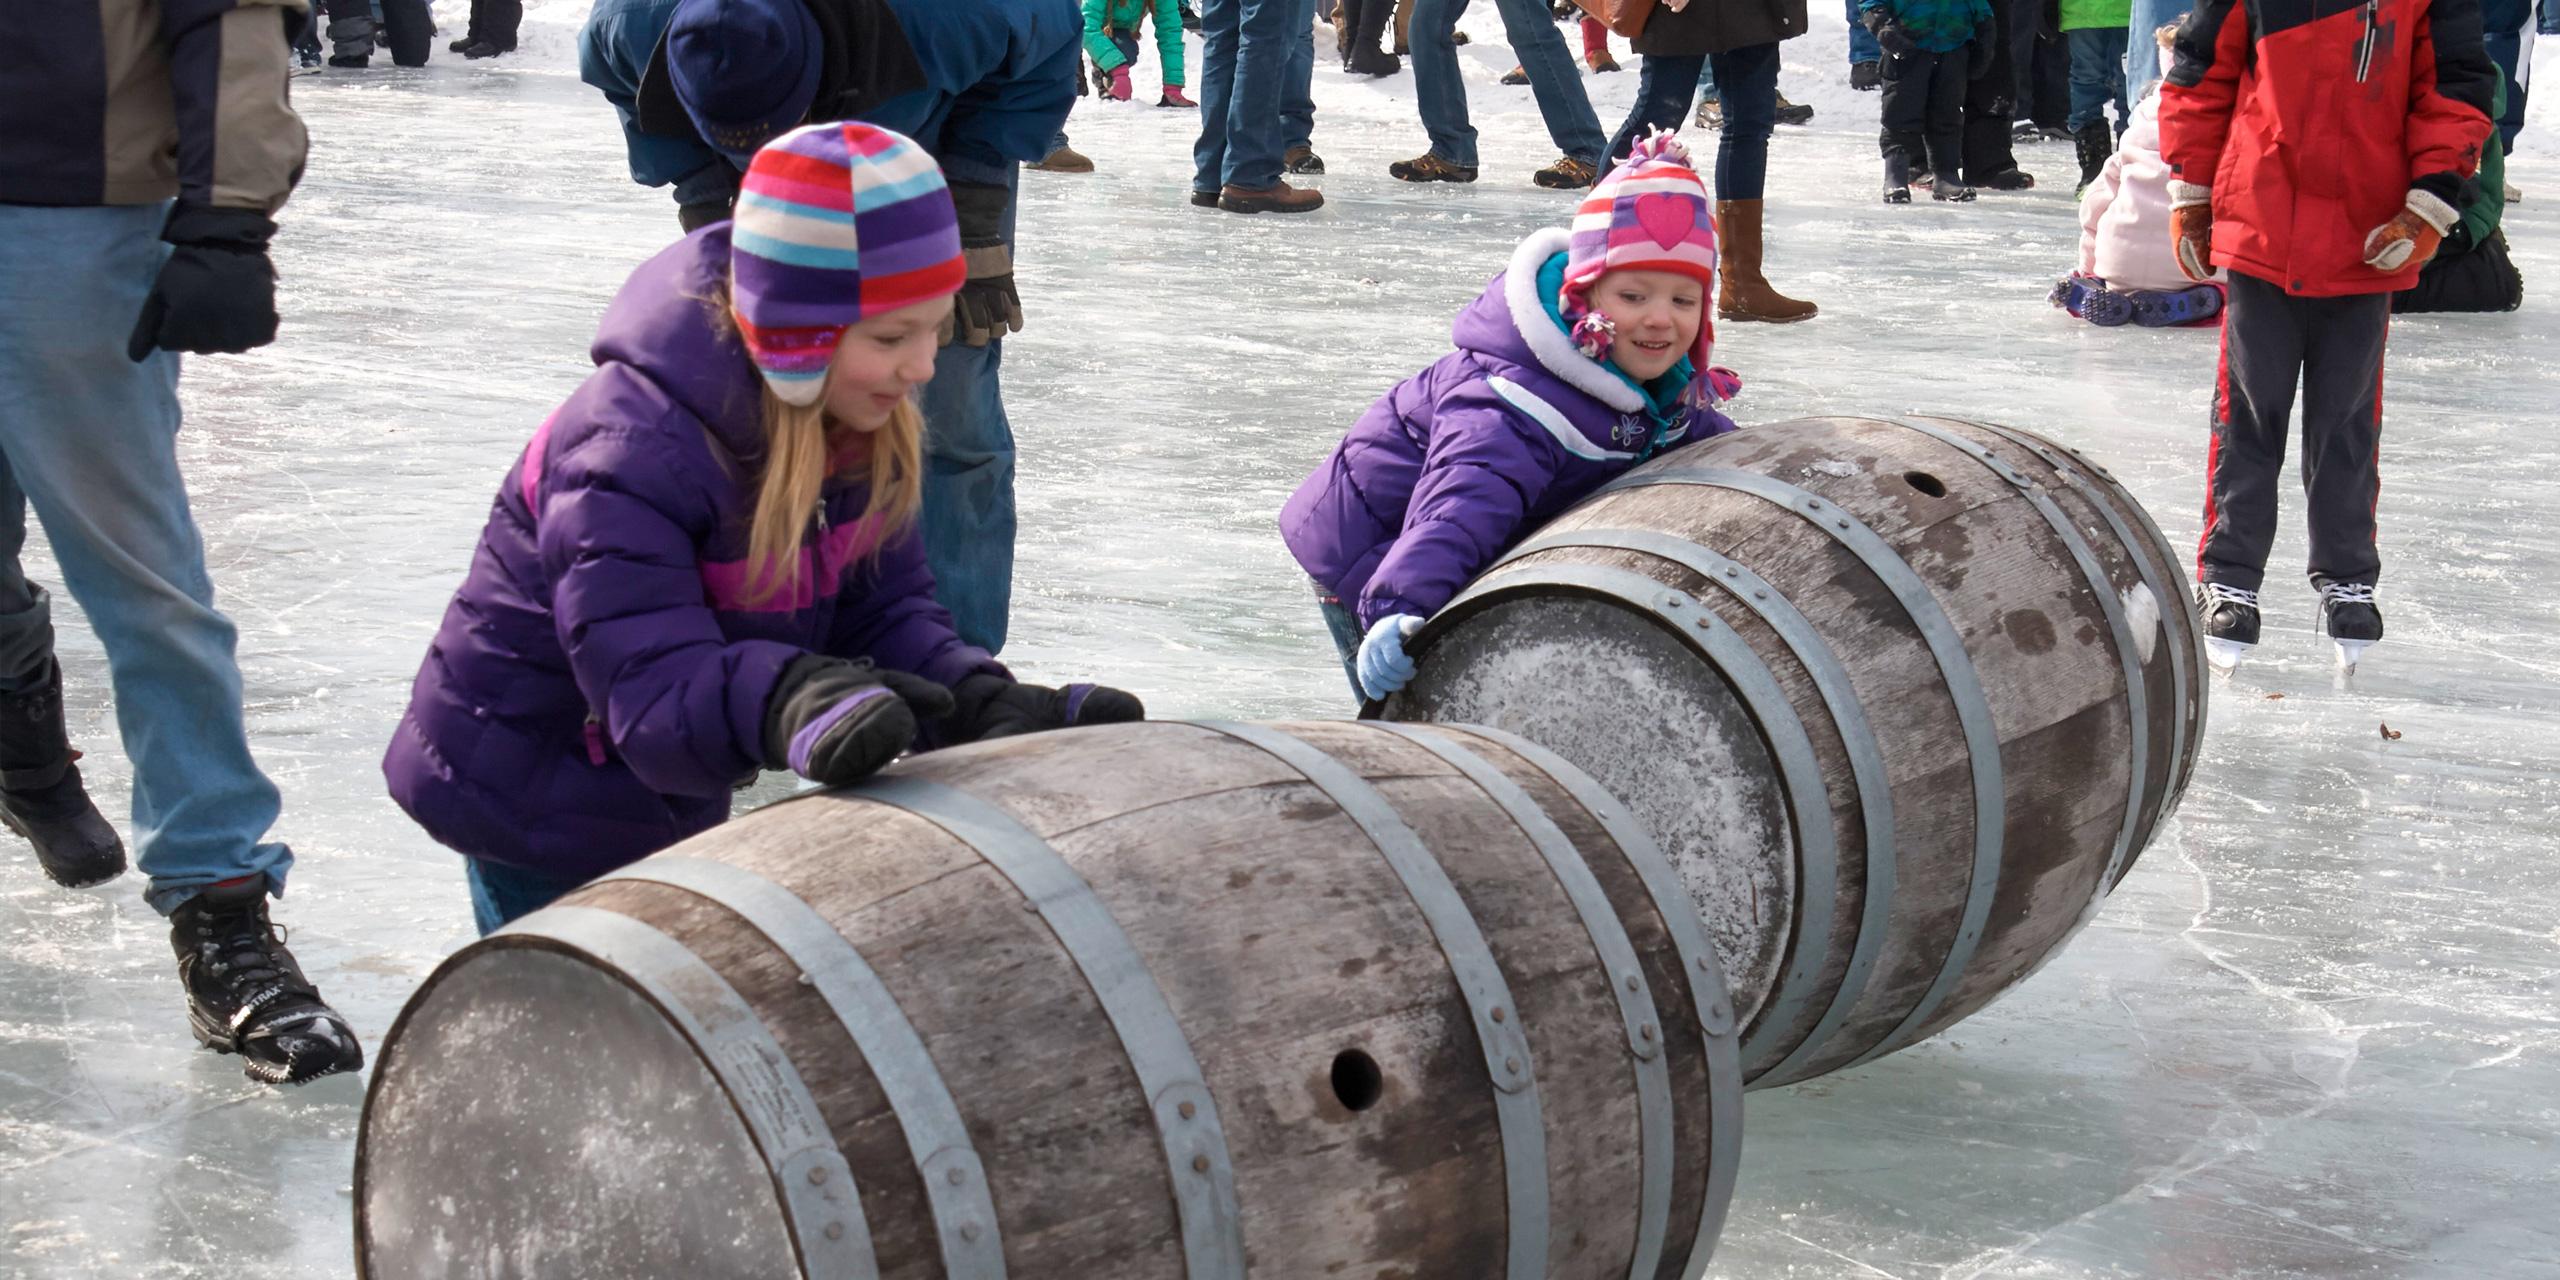 Cedarburg Winter Festival -Cedarburg, WI; Courtesy of Cedarburg Winter Festival